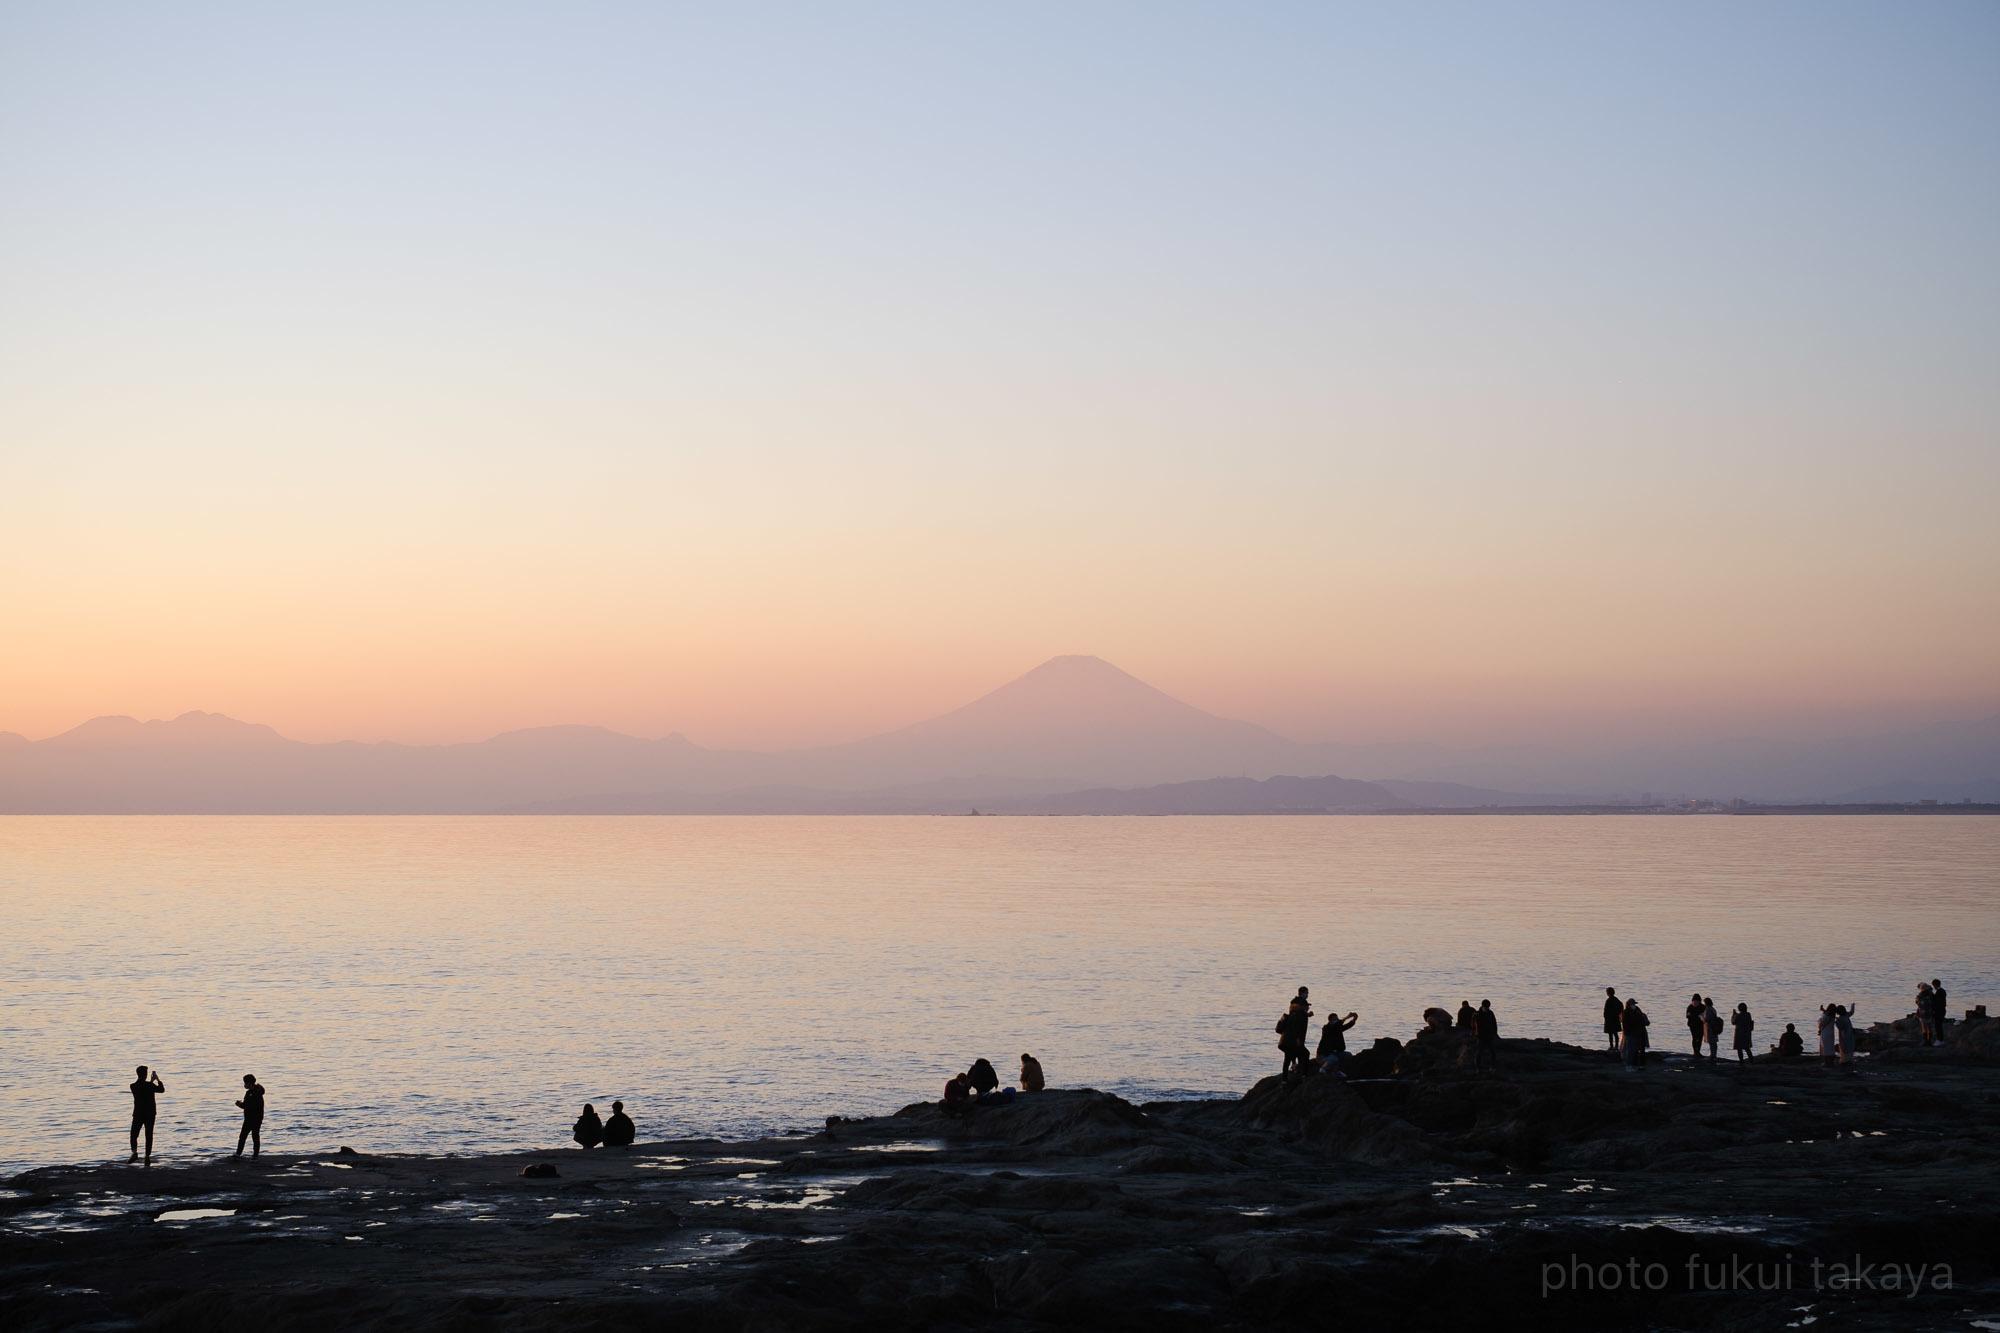 江ノ島より、富士山をのぞむ_e0044885_11314420.jpeg